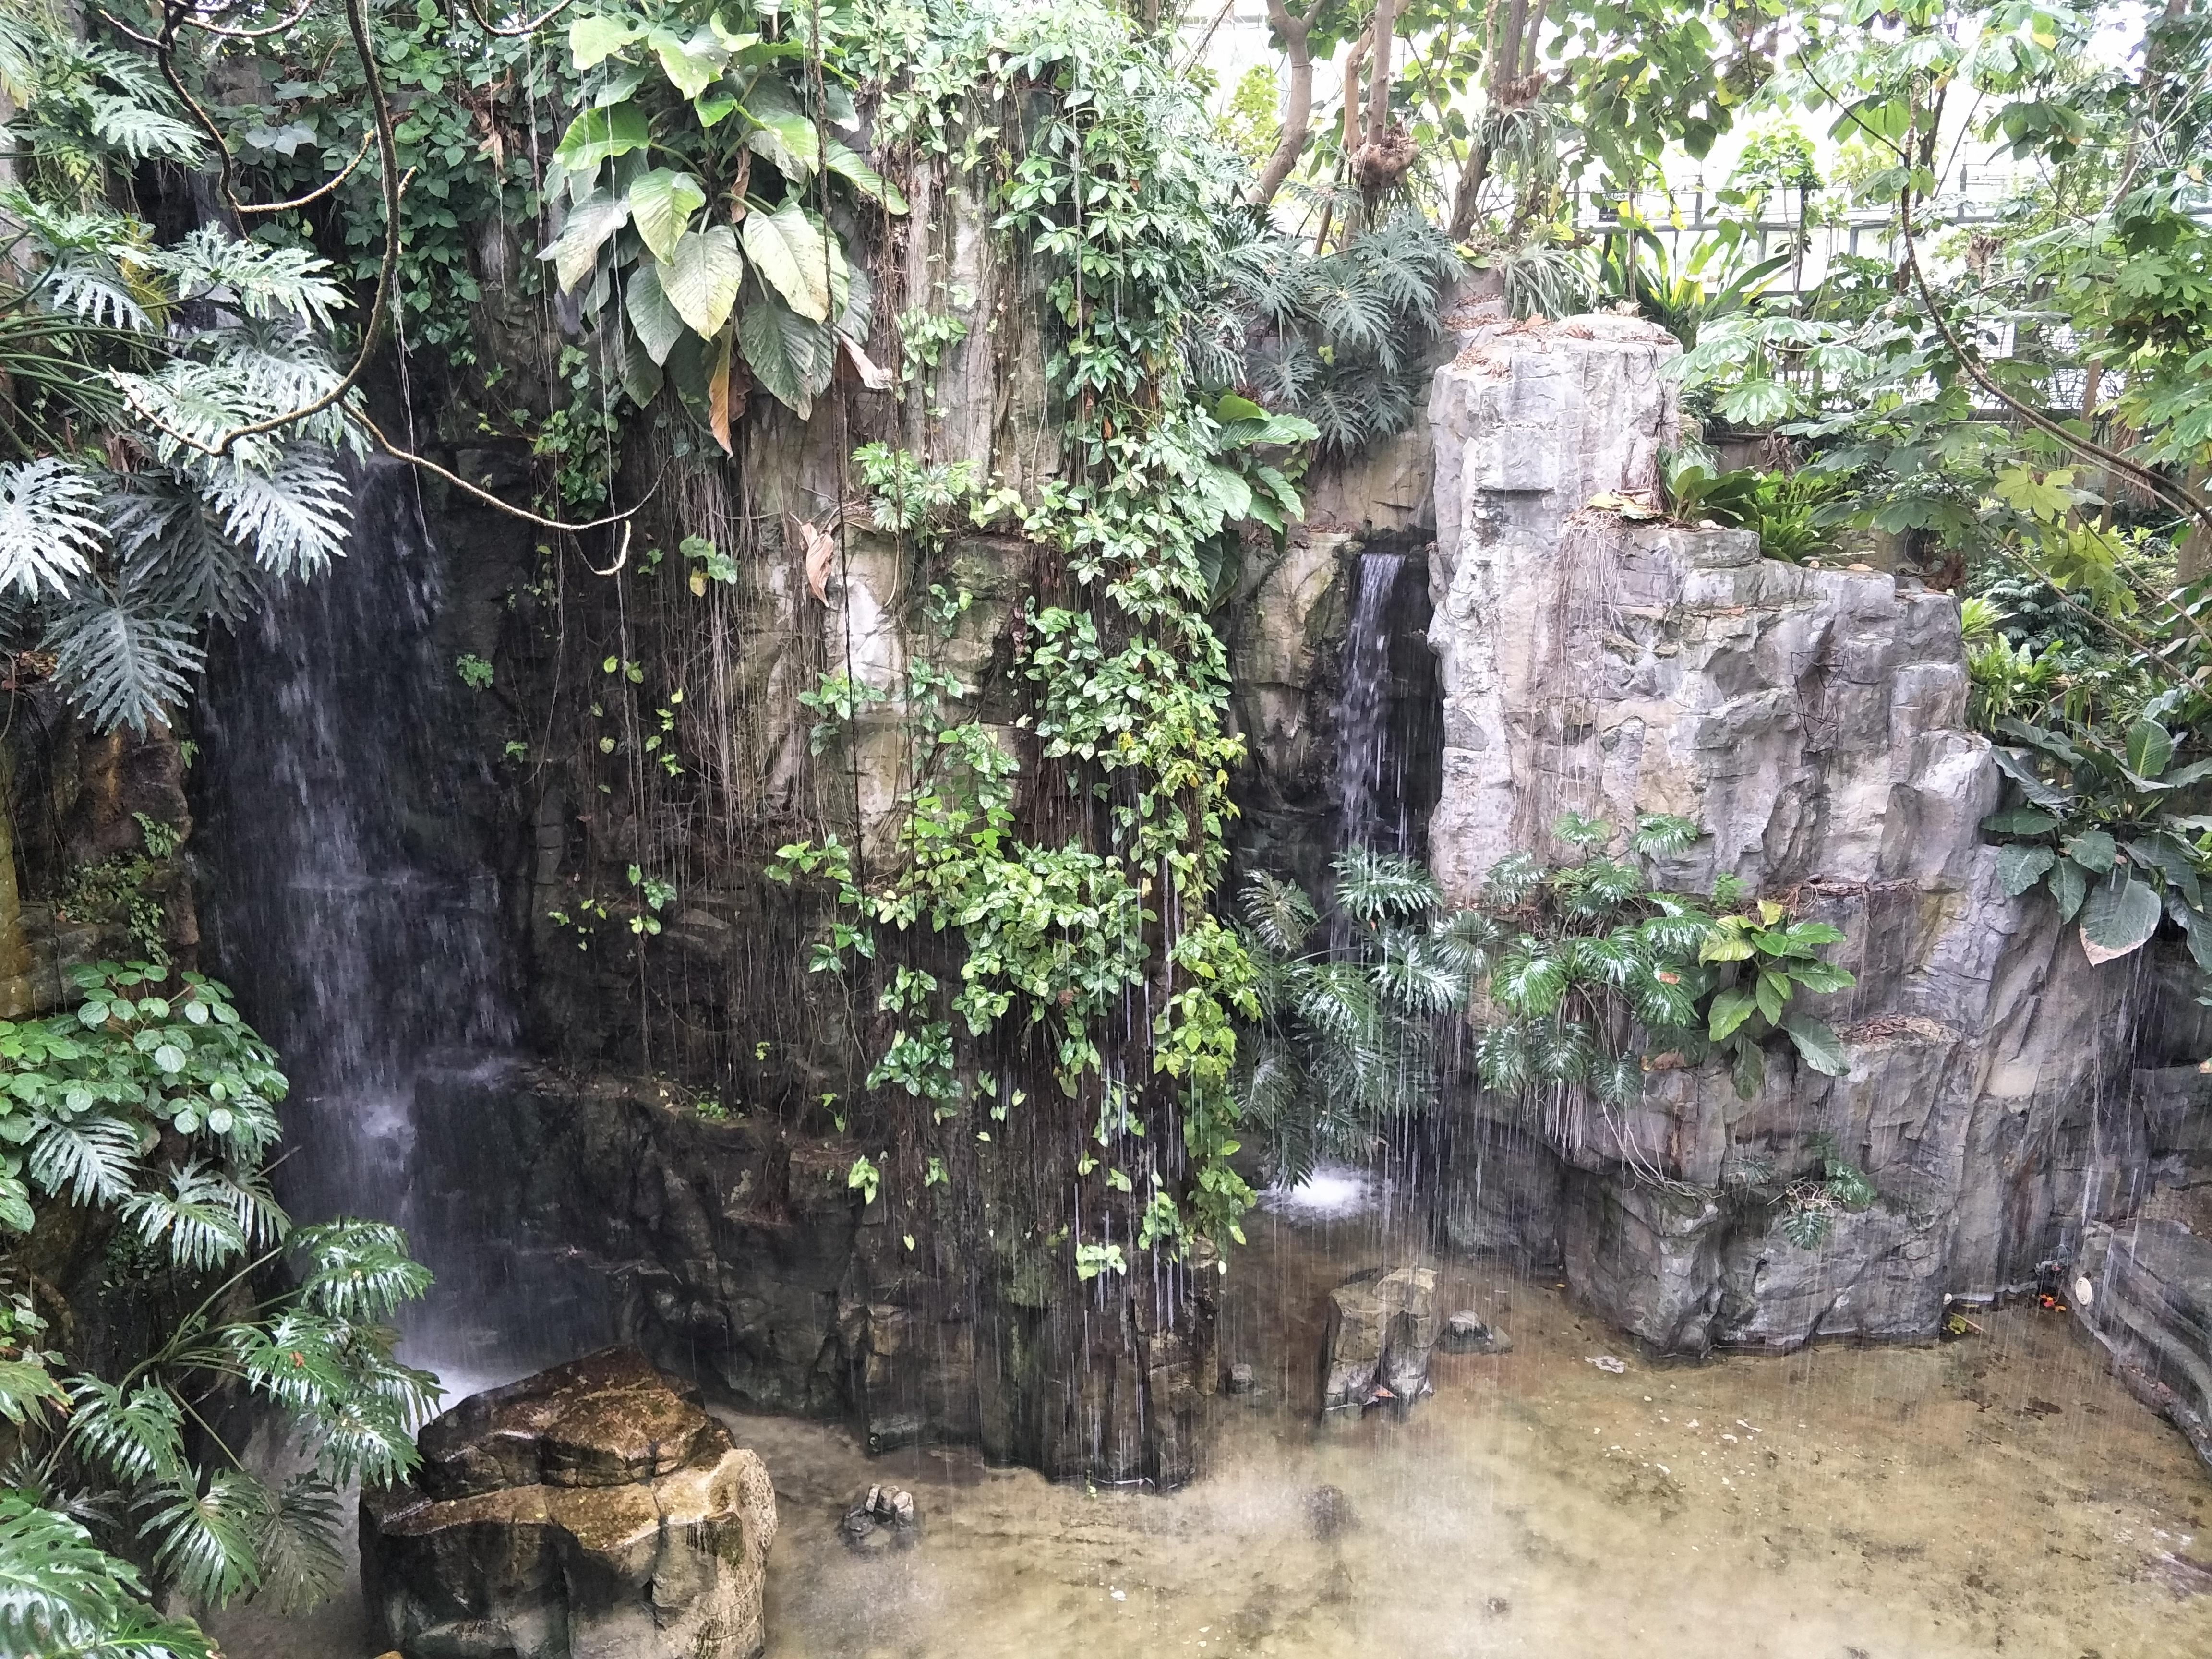 台中科博館熱帶雨林假山